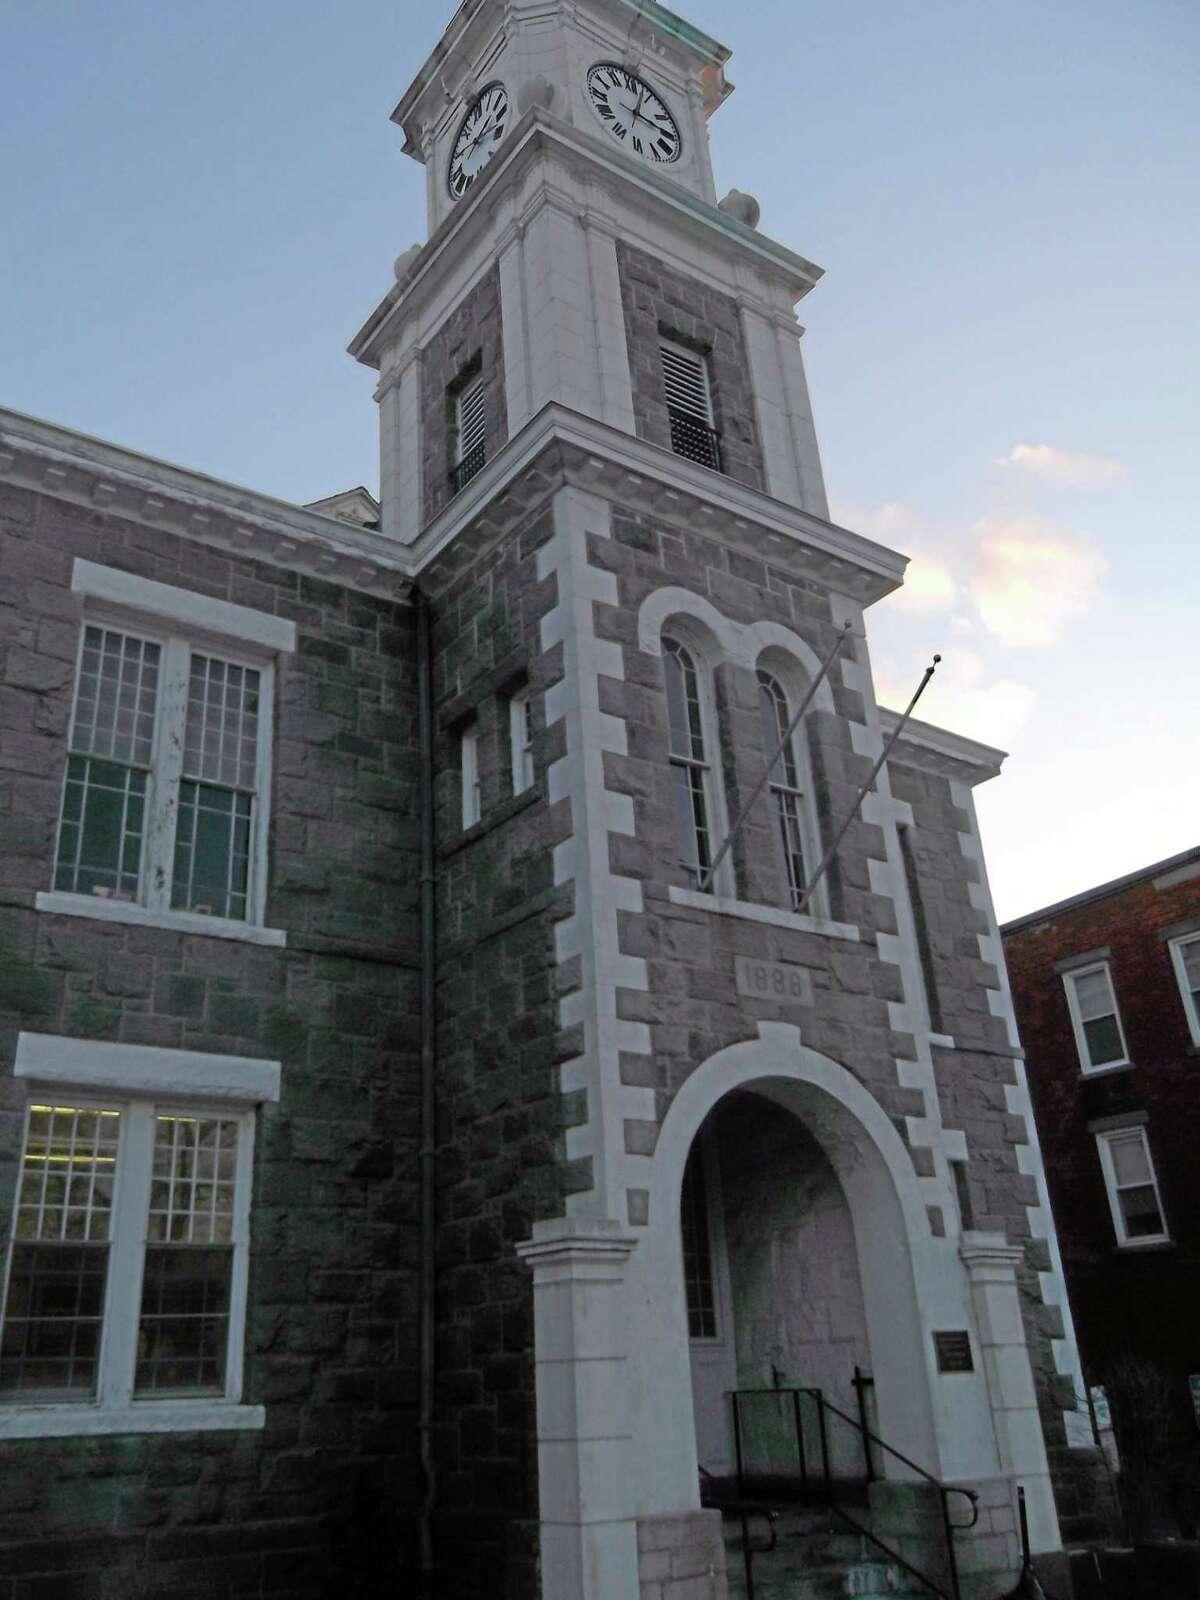 Litchfield Superior Court